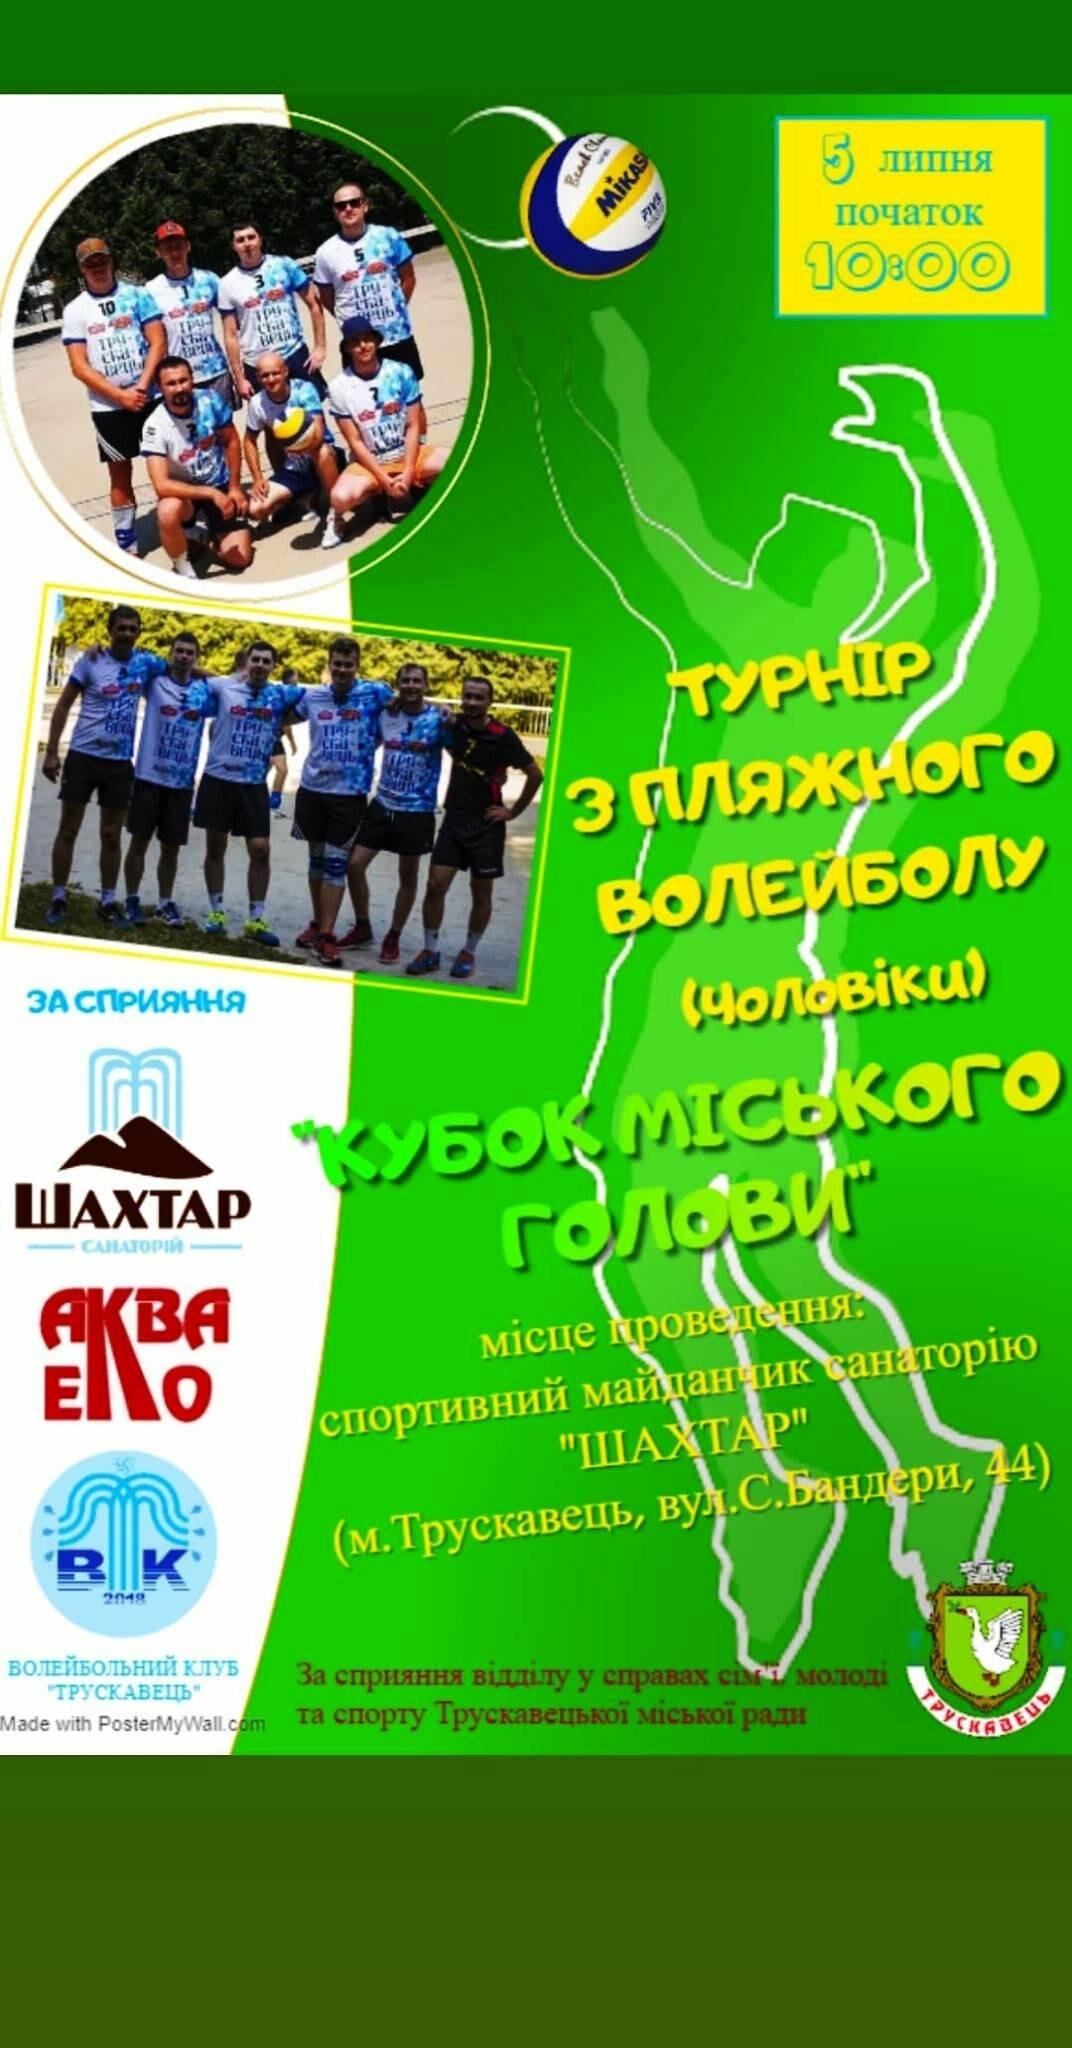 Сьогодні у Трускавці - турнір з пляжного волейболу, фото-1